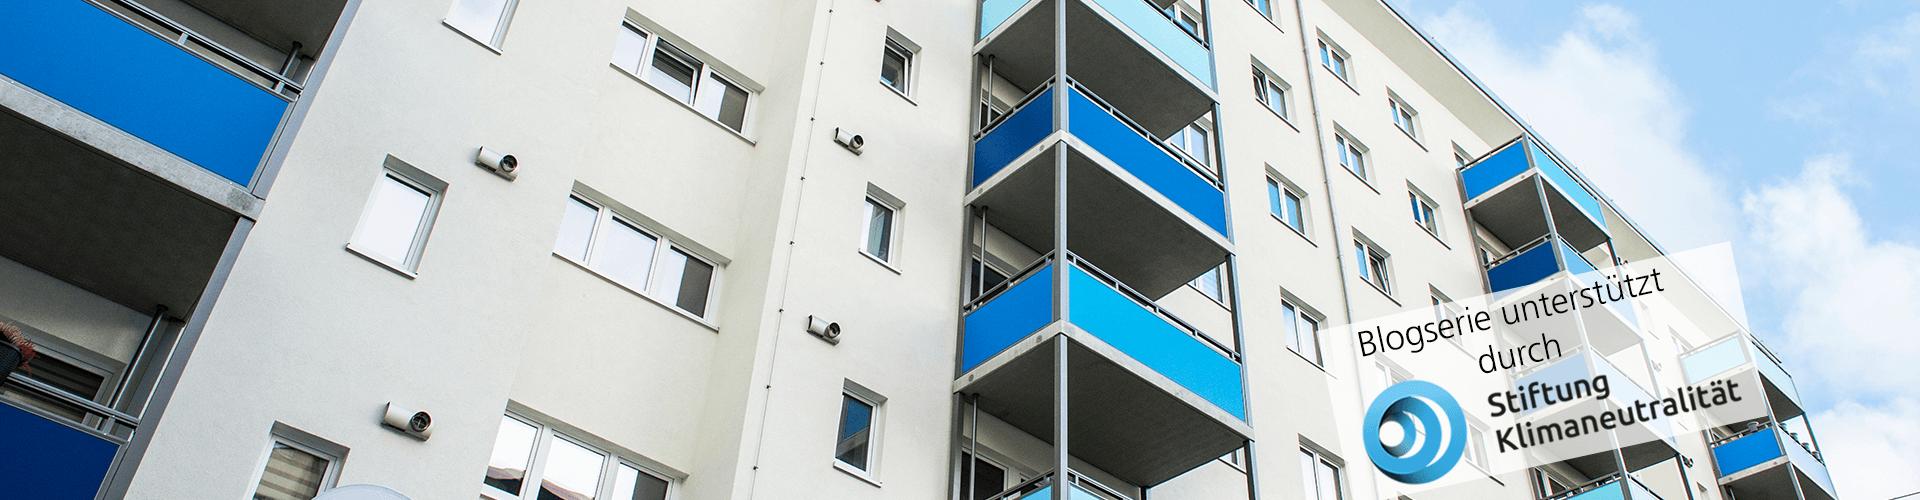 Wärmepumpe in Mehrfamilienhäusern